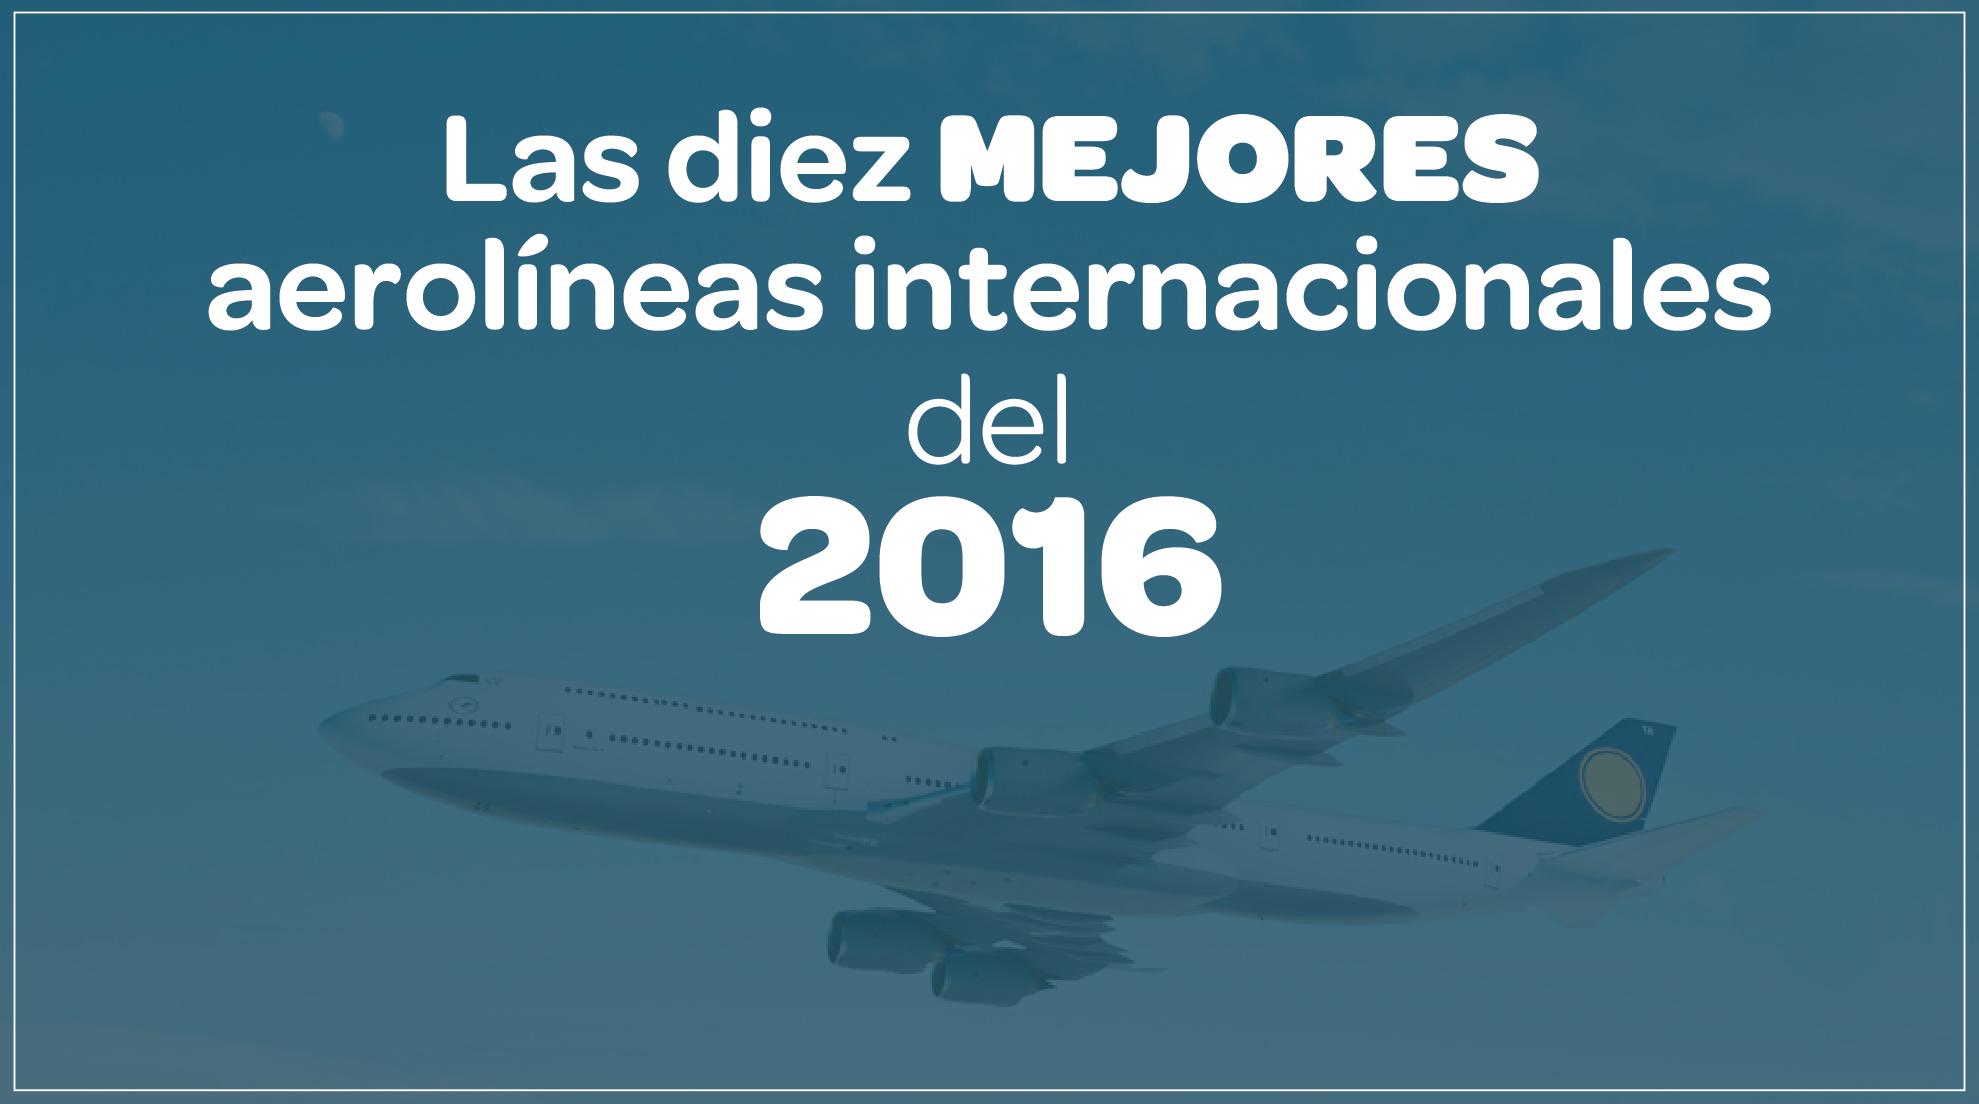 aerolíneas, 2016, mundo, aerolíneas internacionales